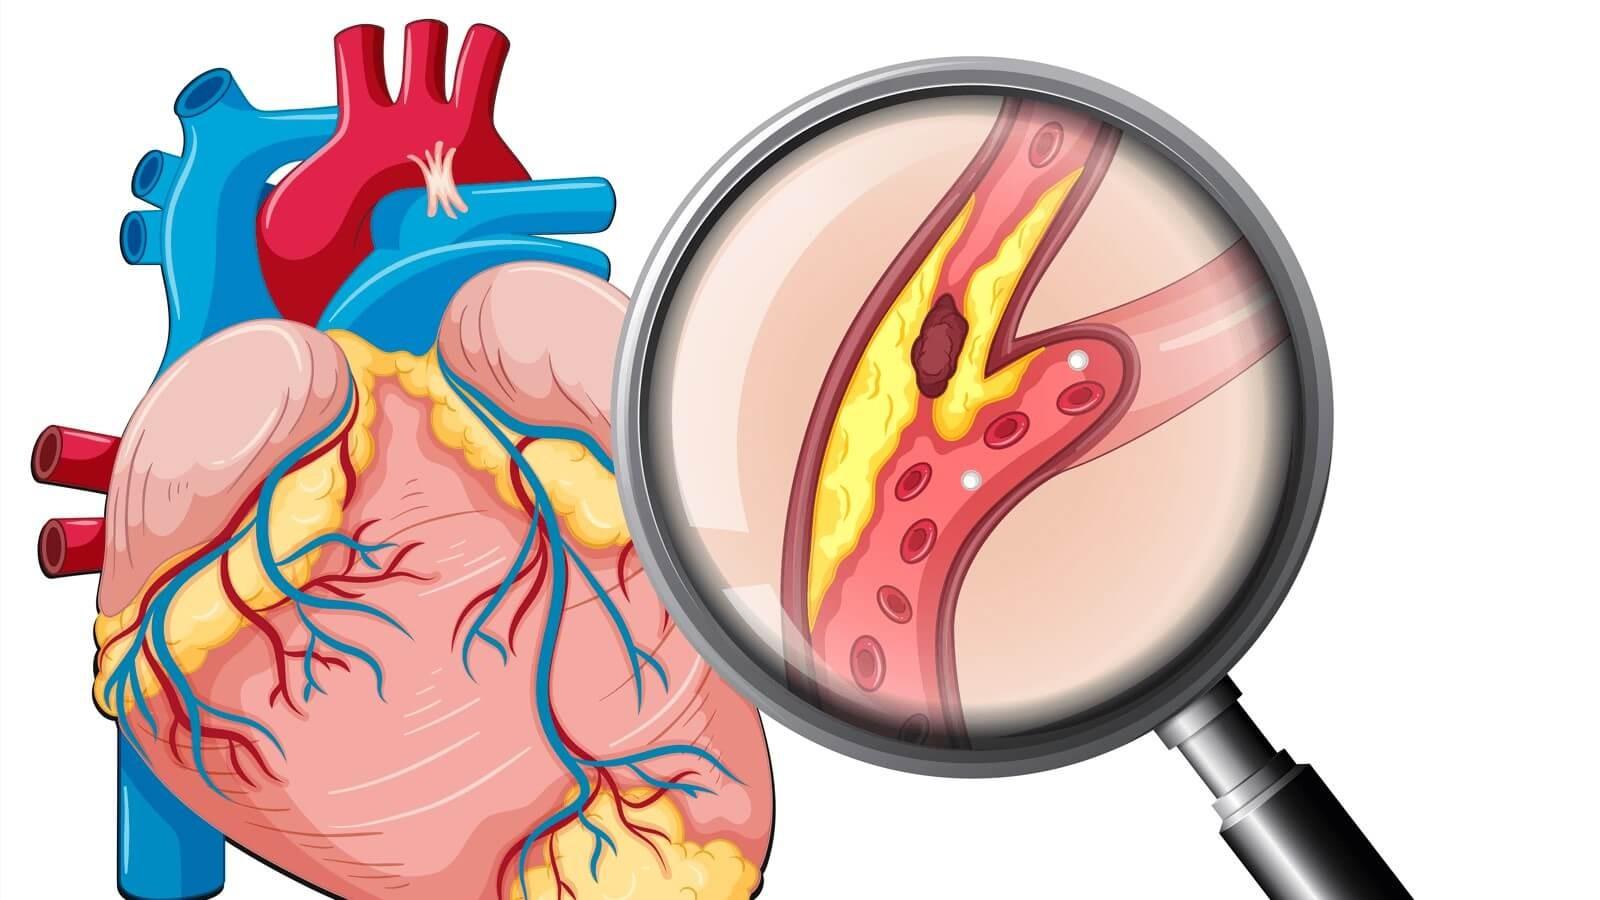 Uống đậu nành giảm nguy cơ mắc bệnh tim mạch